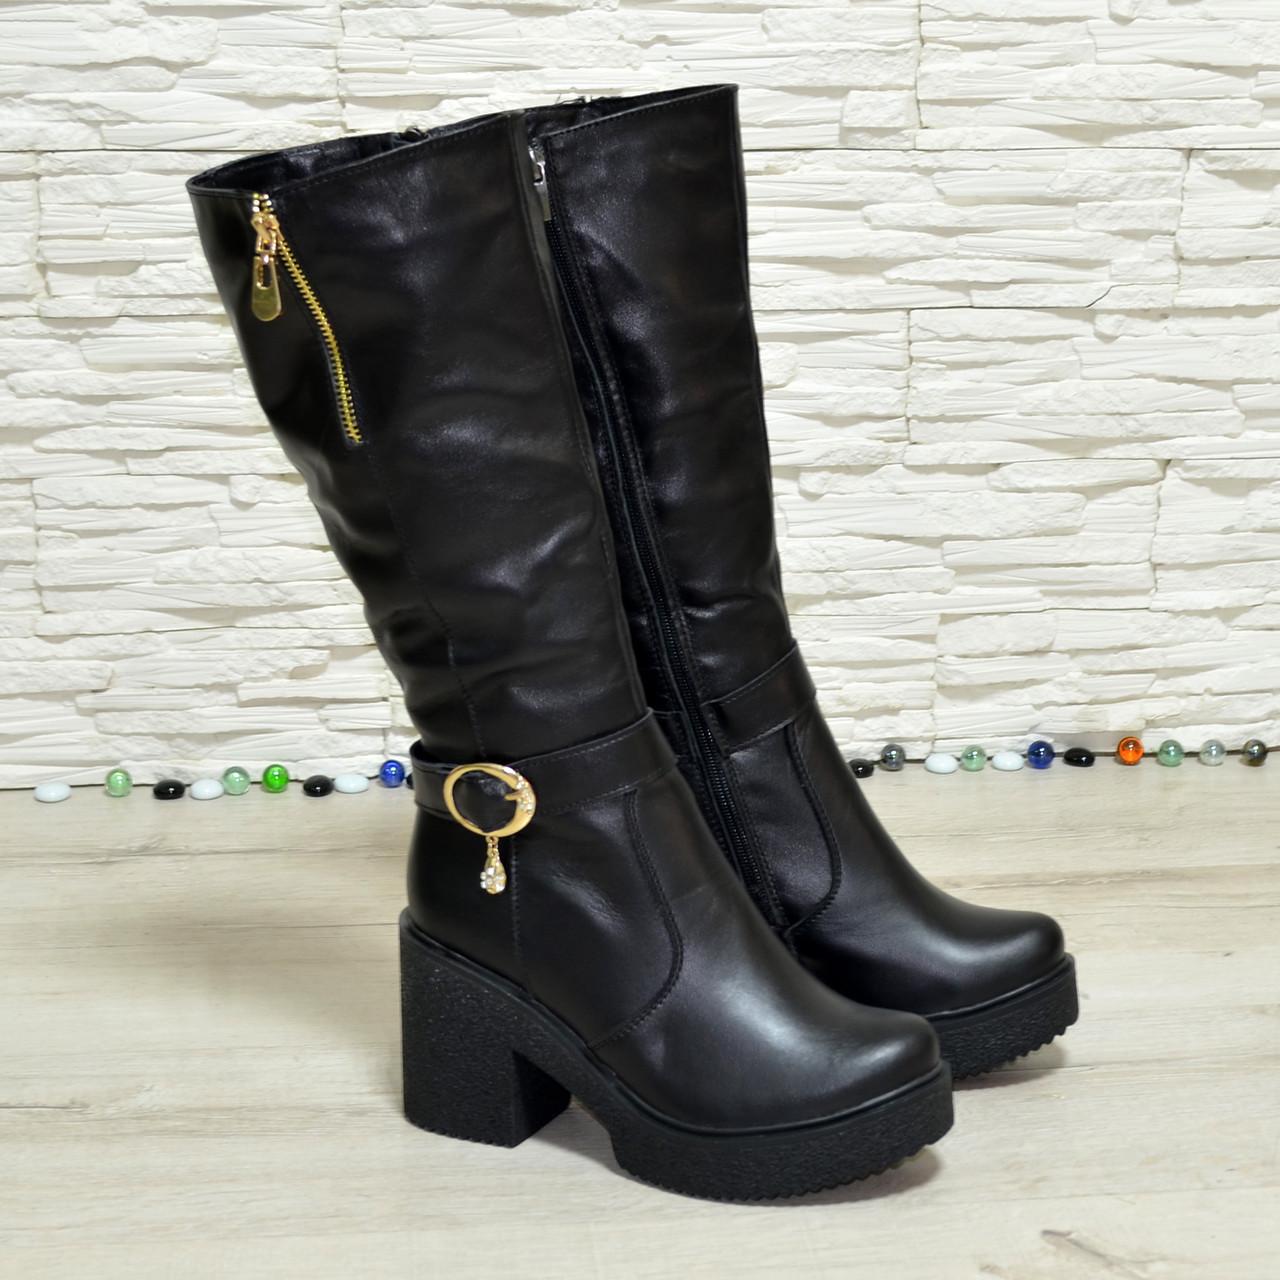 Сапоги черные кожаные женские демисезонные на высоком каблуке